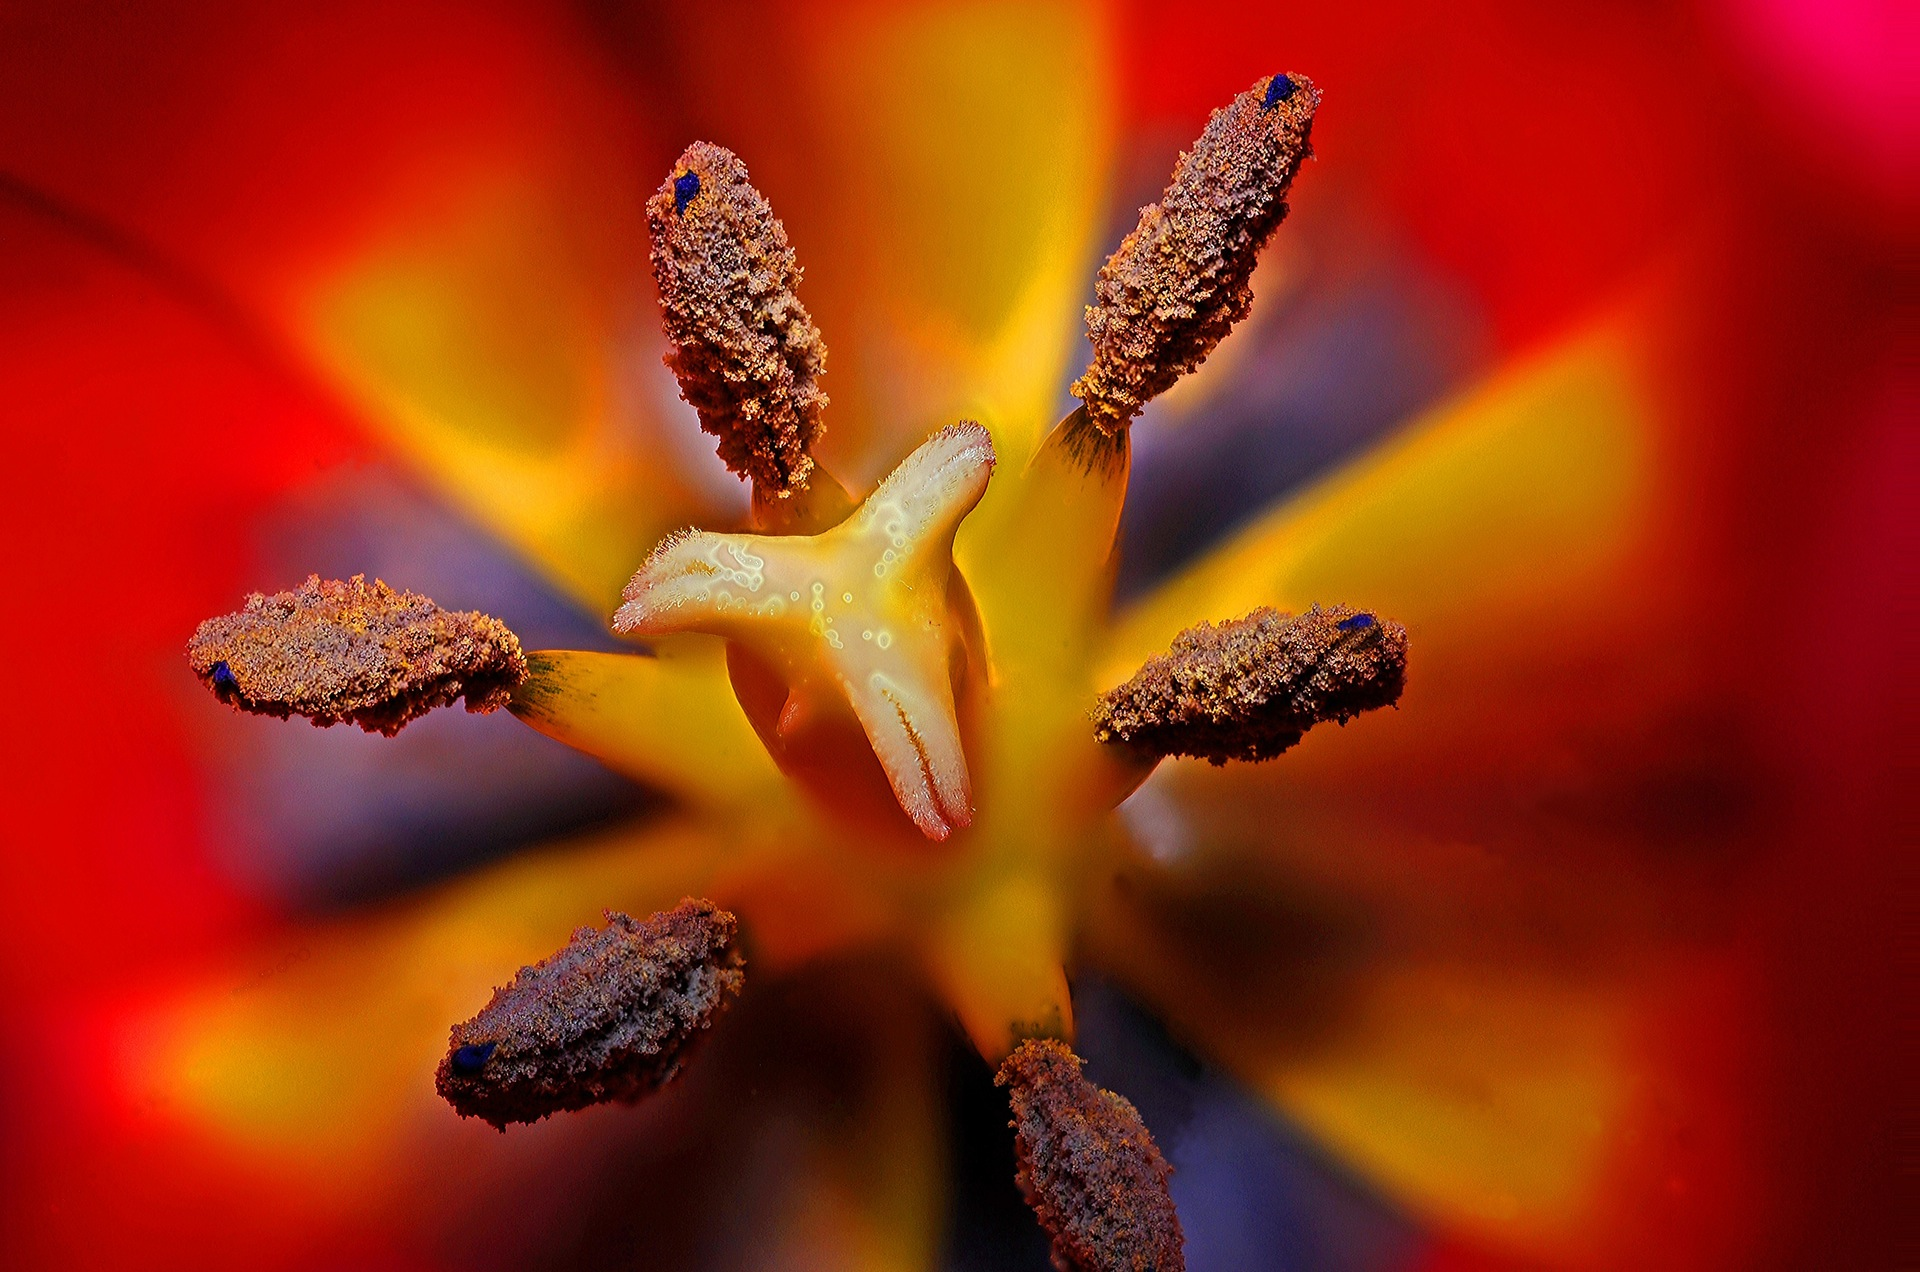 цветок, Блум, Тычинка, Опыление, Красный - Обои HD - Профессор falken.com